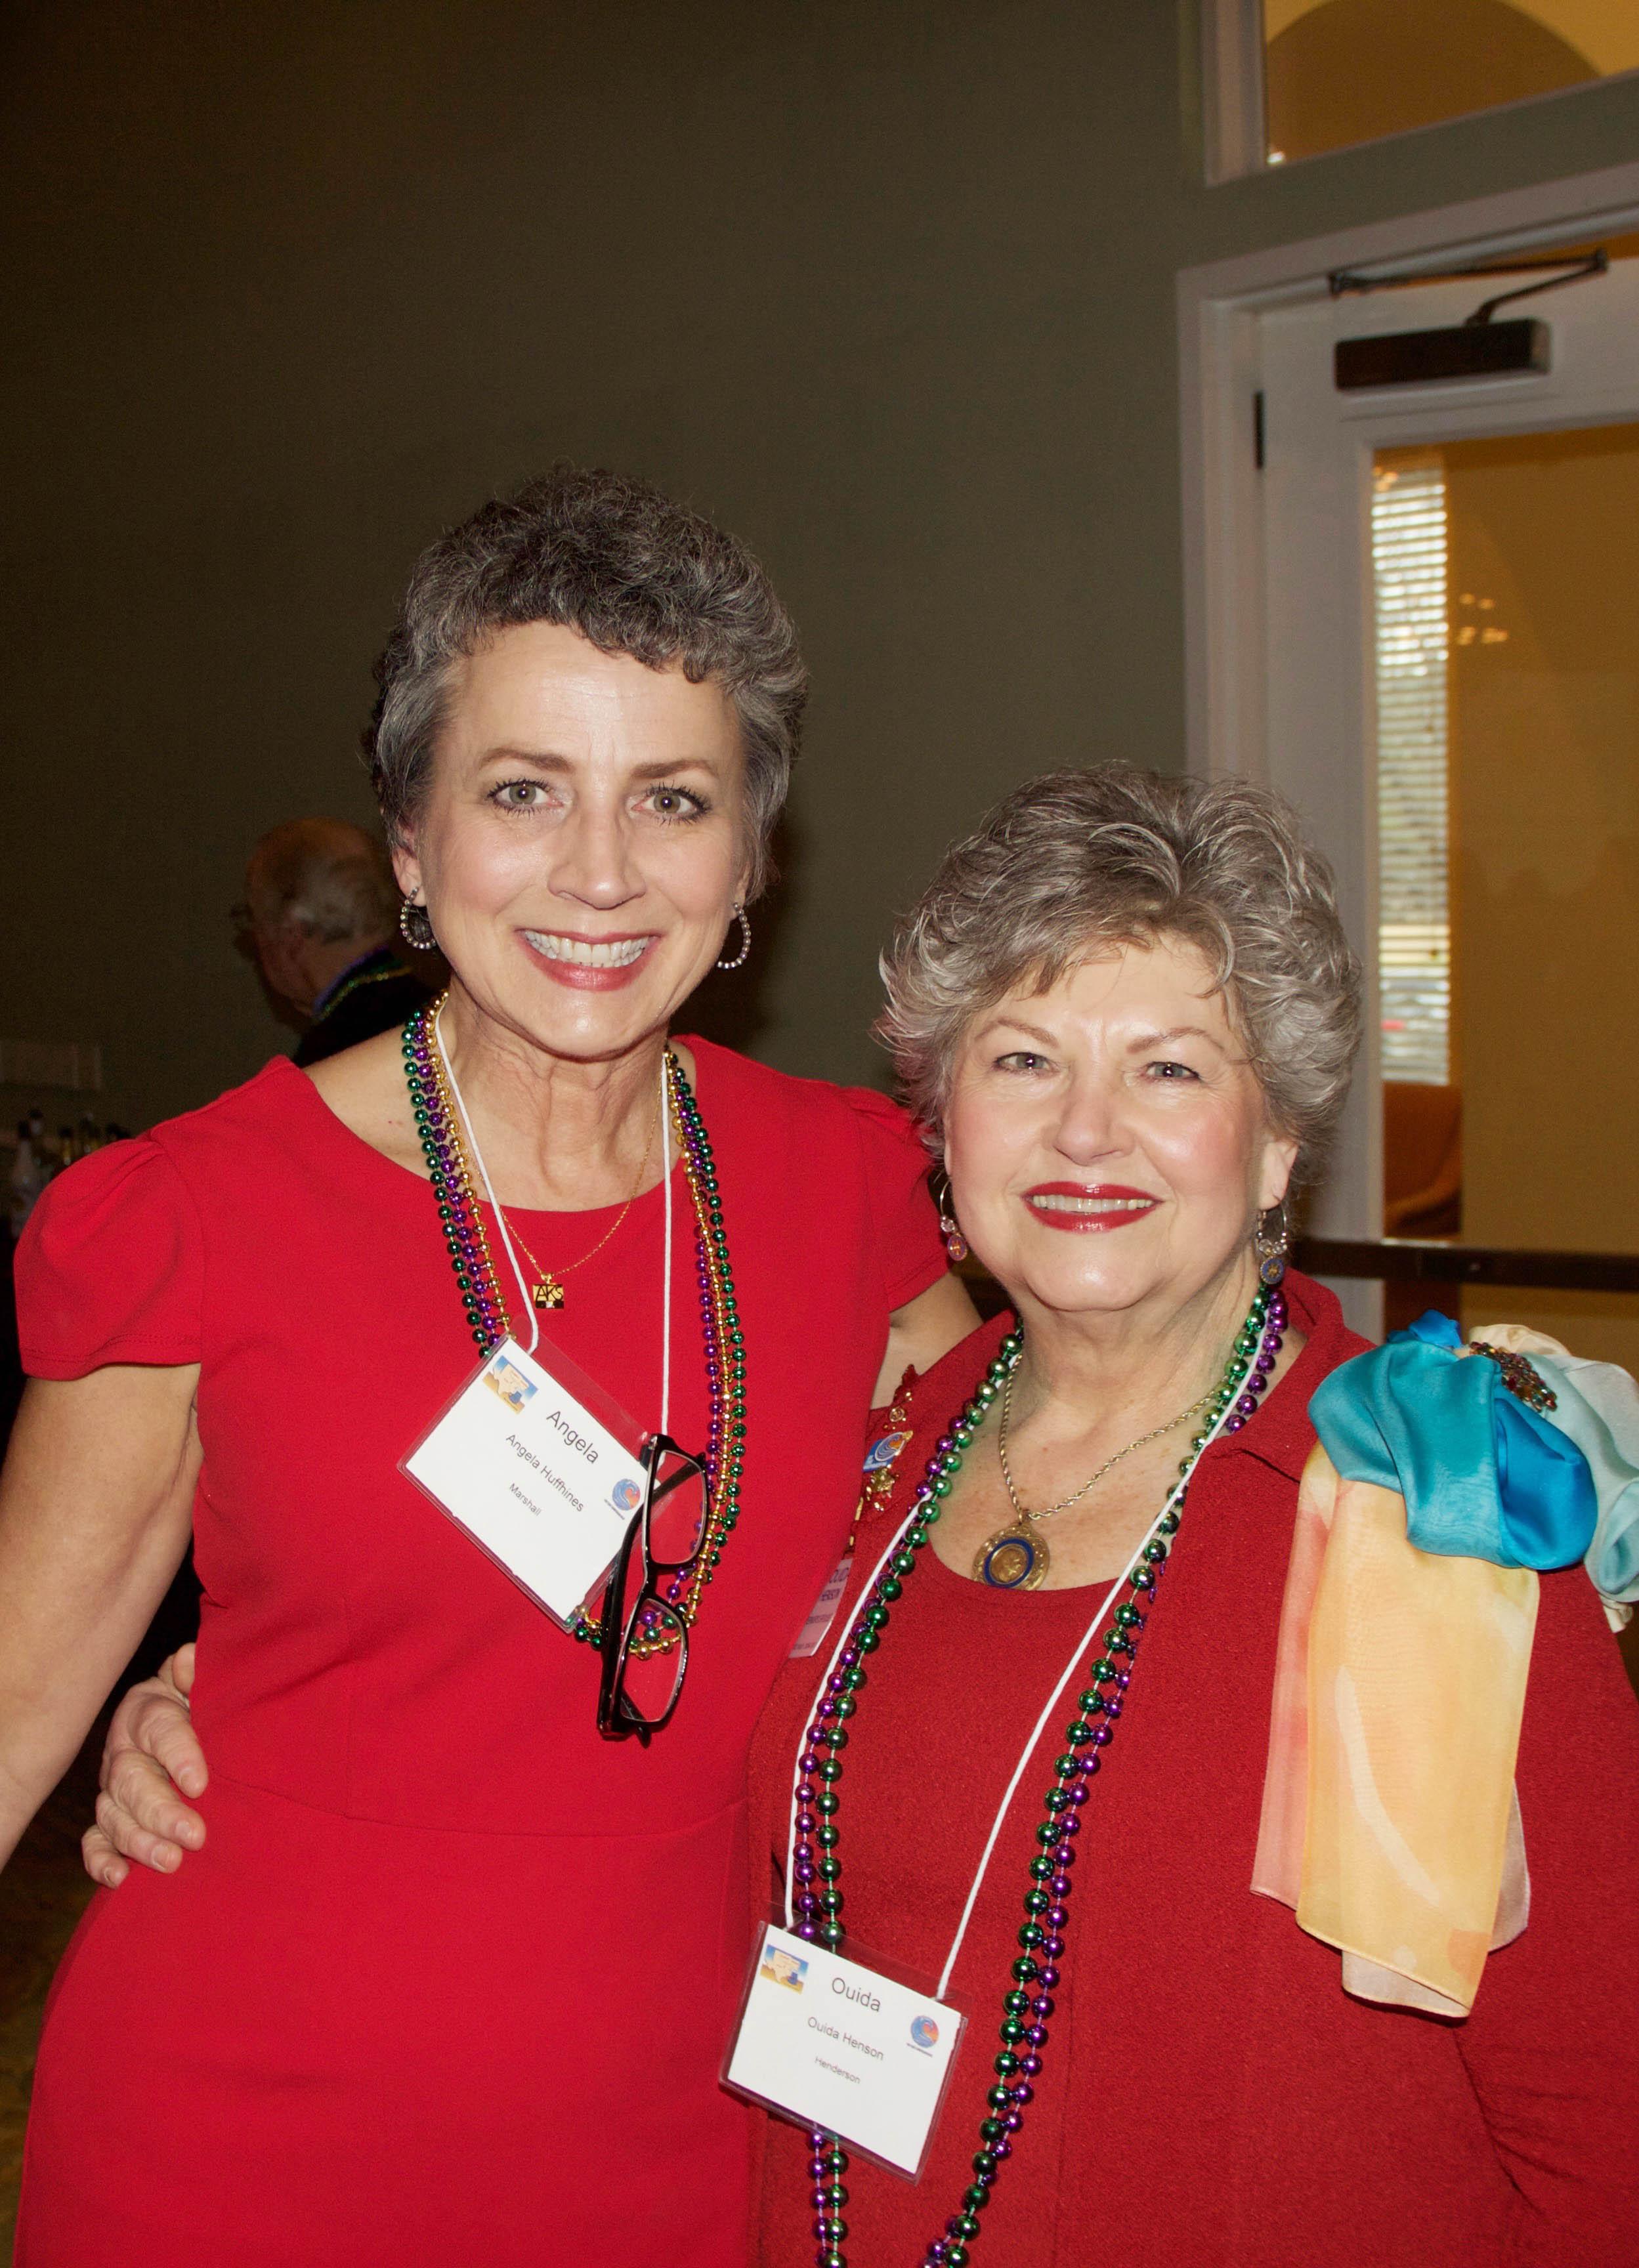 Angela Huffhines and Luisa Henson